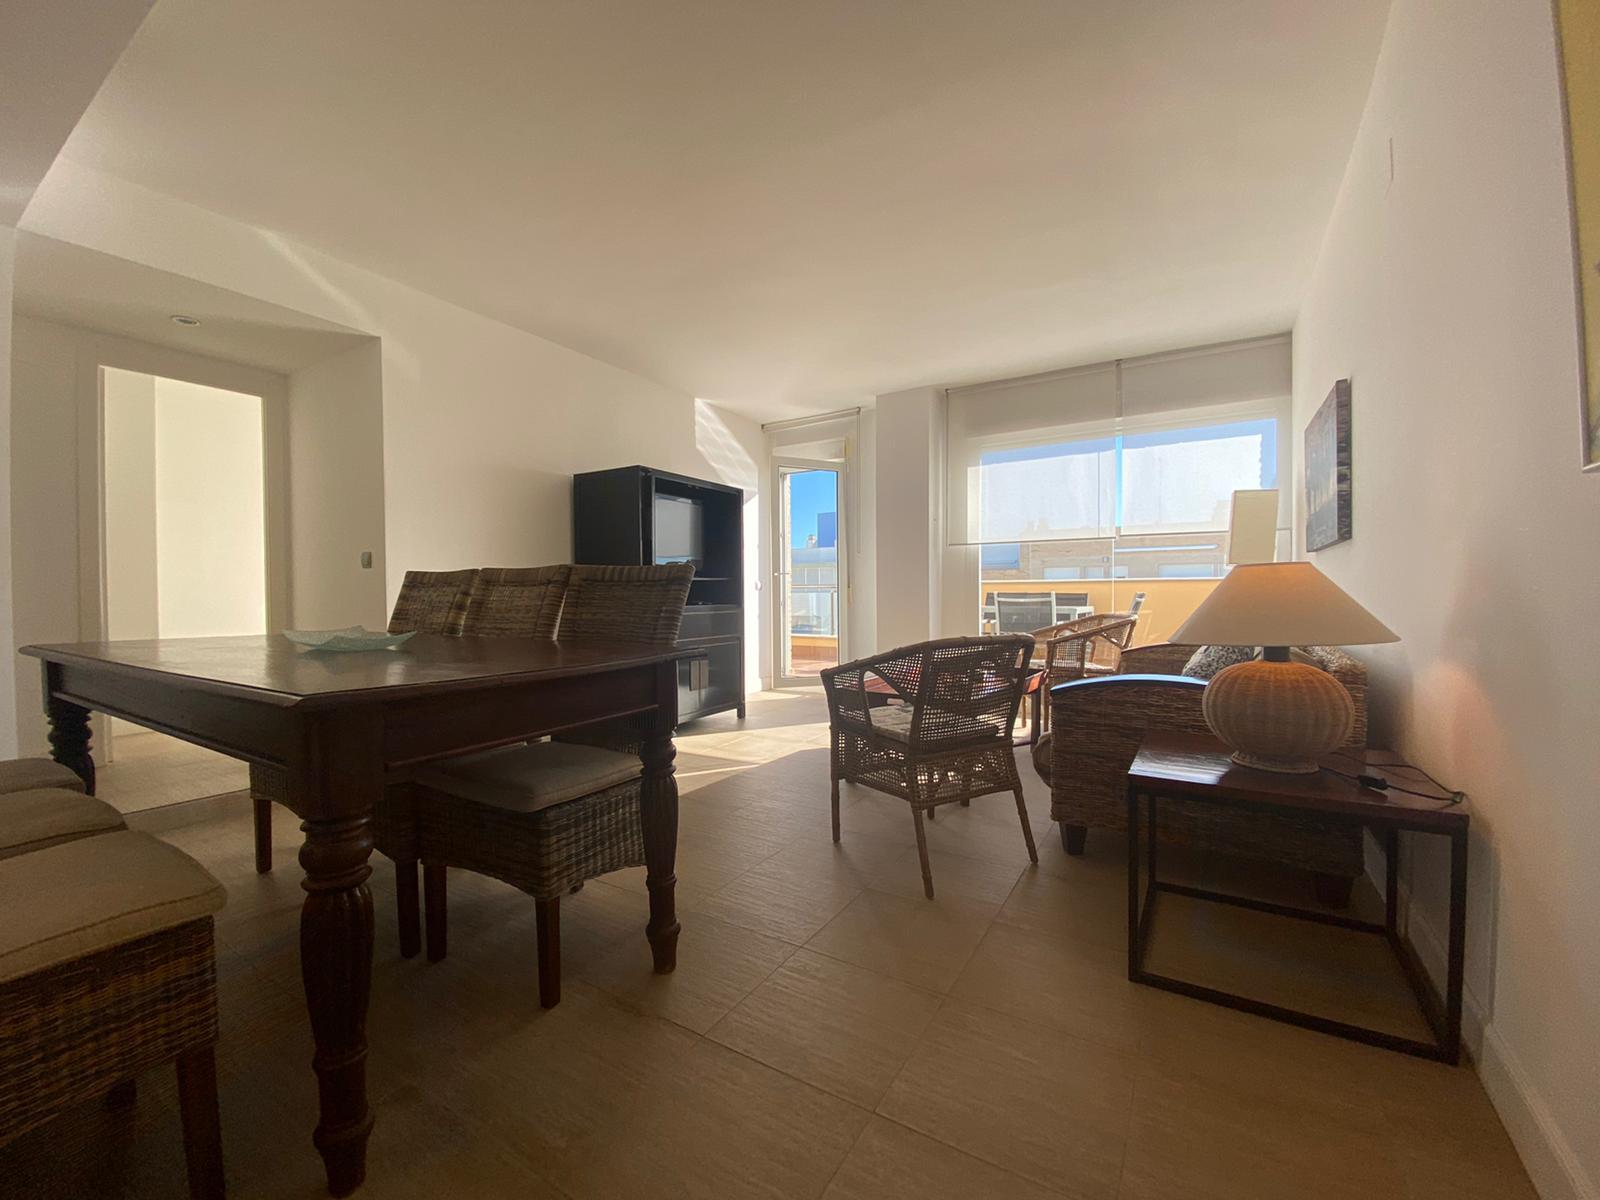 Imagen 14 del Apartamento Turístico, Ático 1 Levante (3d+2b), Punta del Moral (HUELVA), Paseo de la Cruz nº22